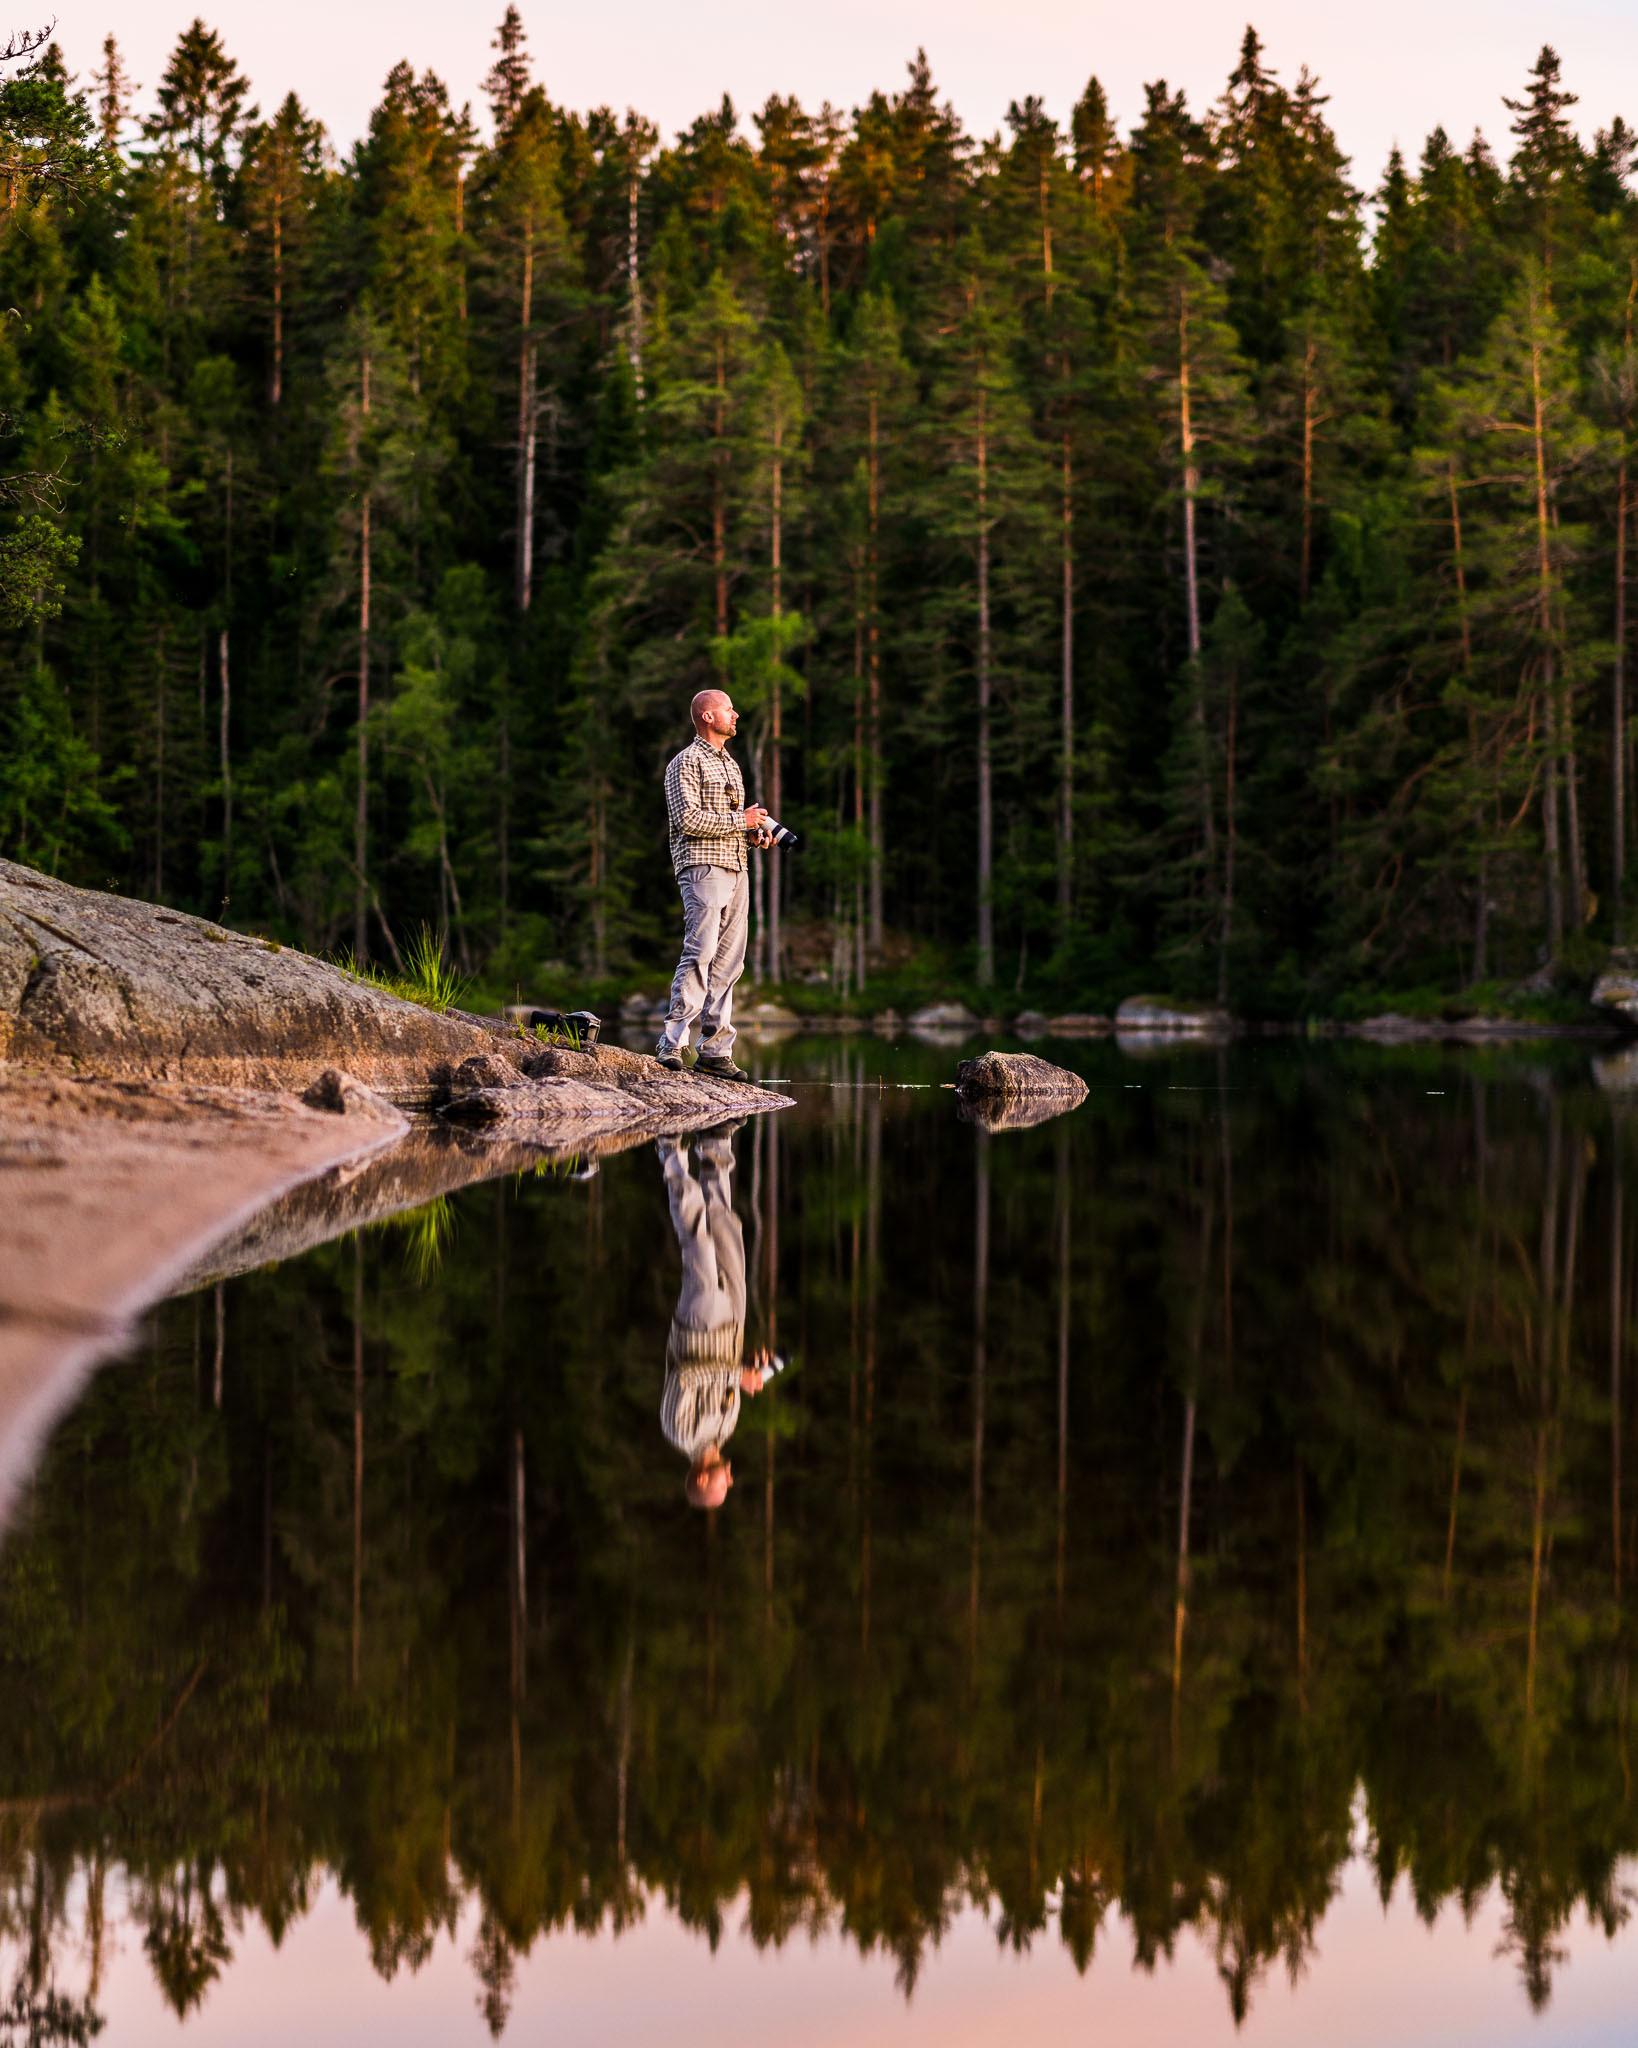 Quyền đi được đi đây đó: tình yêu thiên nhiên của con người Thụy Điển - 8